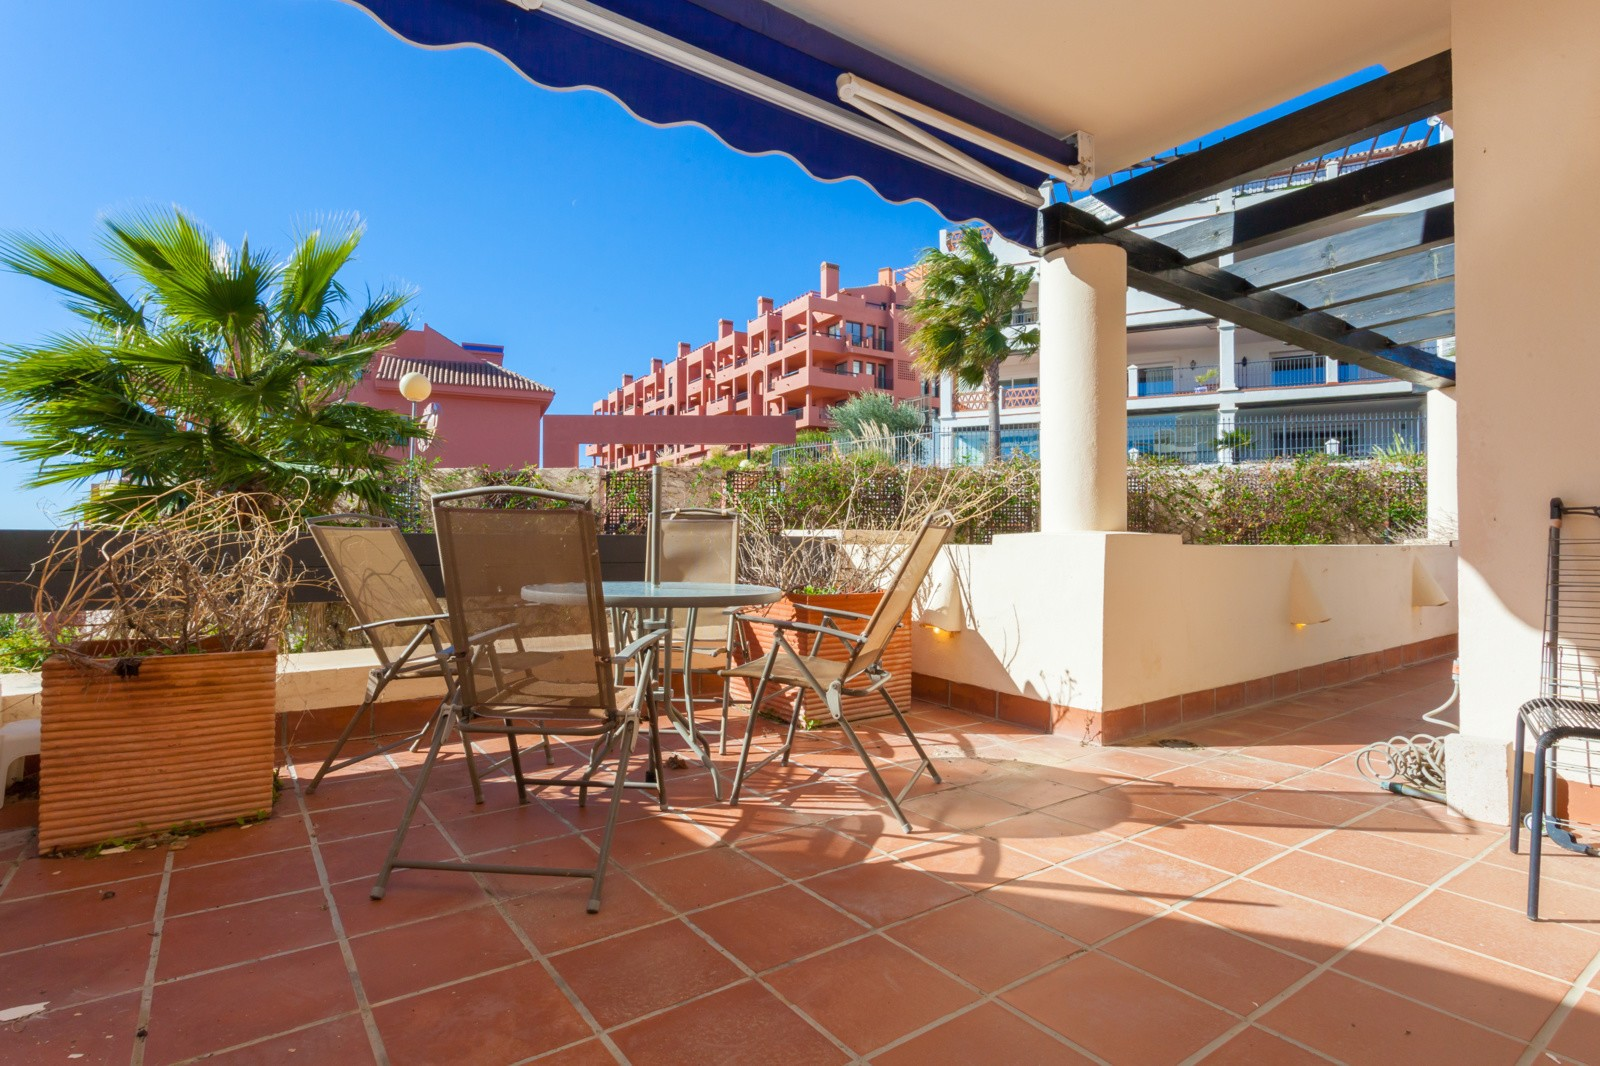 Apartment in Calahonda MA7636610 13